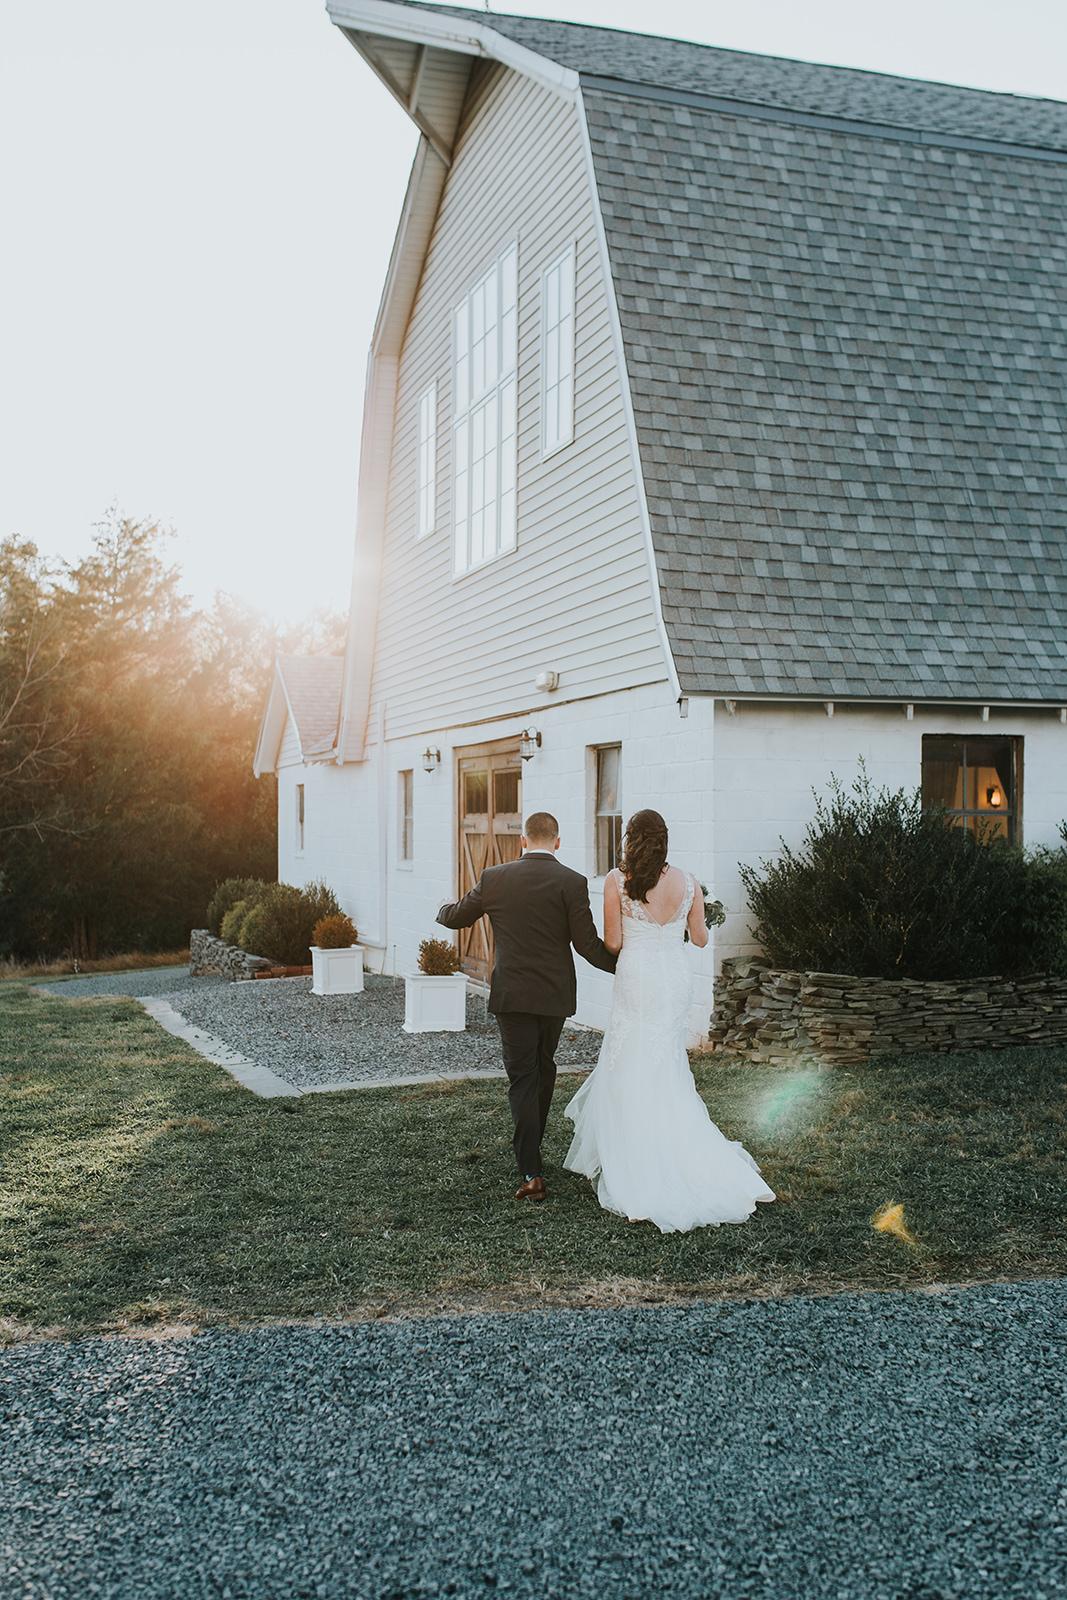 brielle-davis-events-48-fields-wedding-0246.jpg